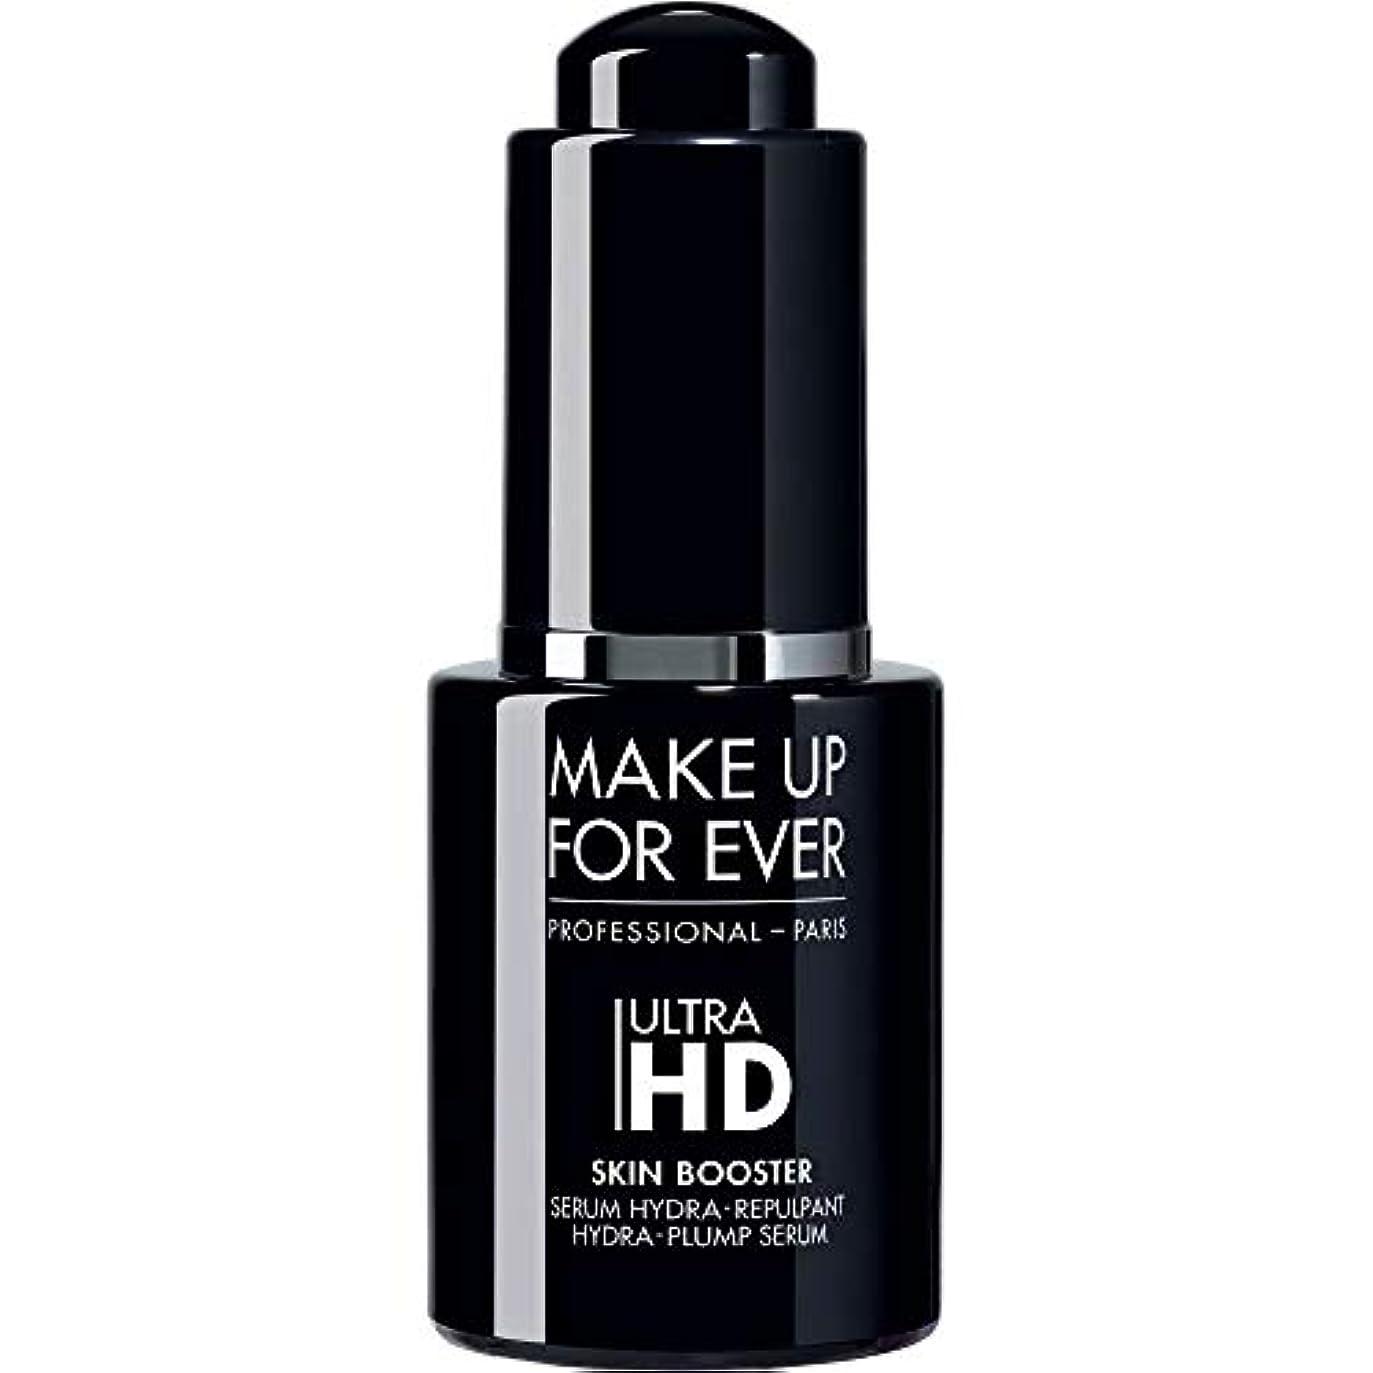 ラベ煙時計[MAKE UP FOR EVER] これまで超のHdスキンブースターヒドラ-ふっくら血清12ミリリットルを補います - MAKE UP FOR EVER Ultra HD Skin Booster Hydra-Plump...